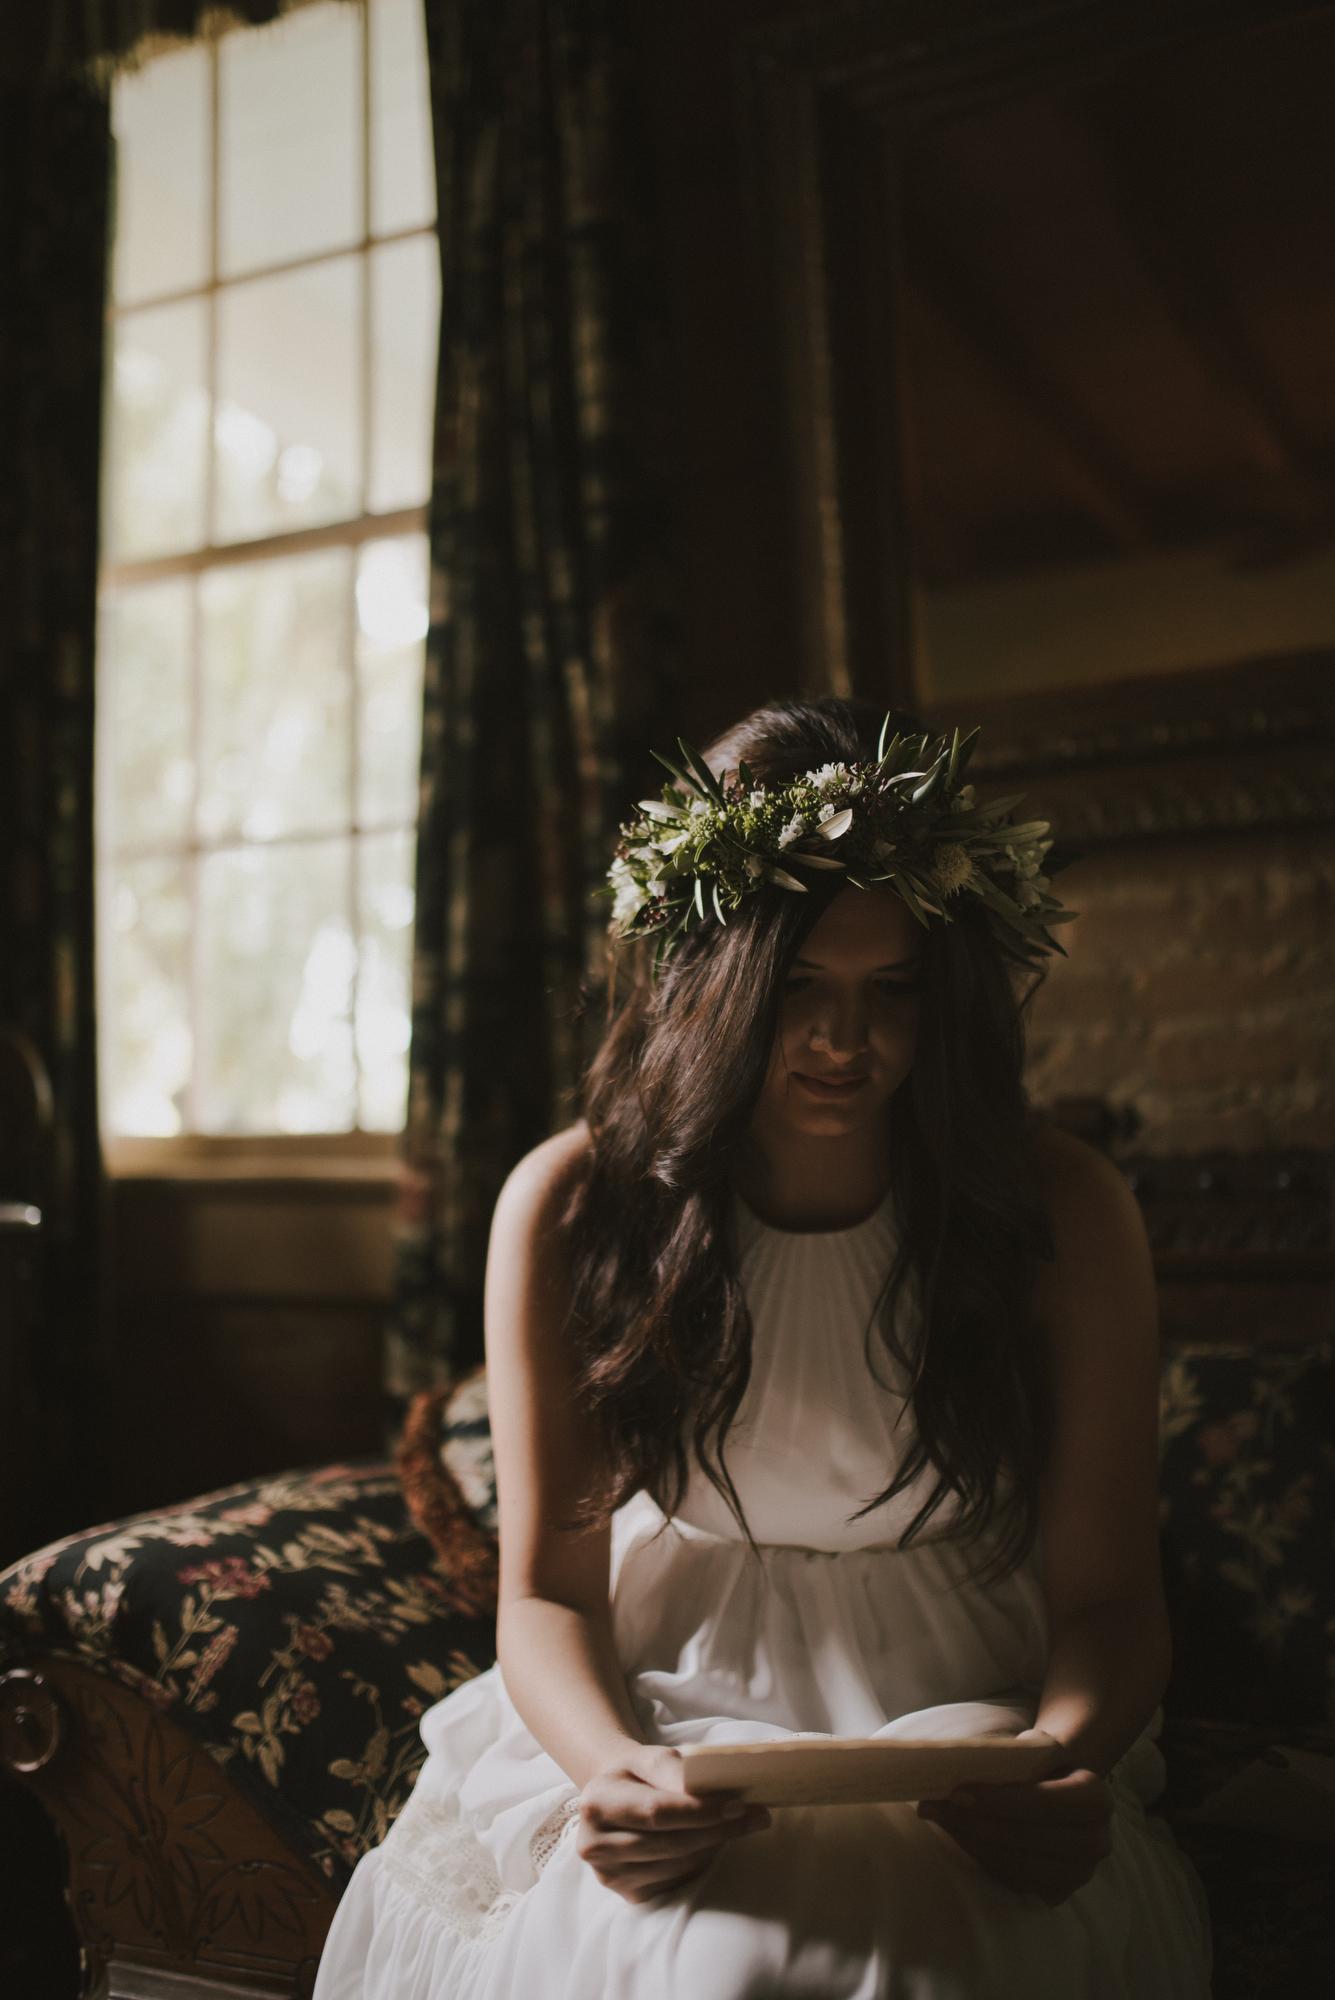 ofRen_weddingphotography051.JPG